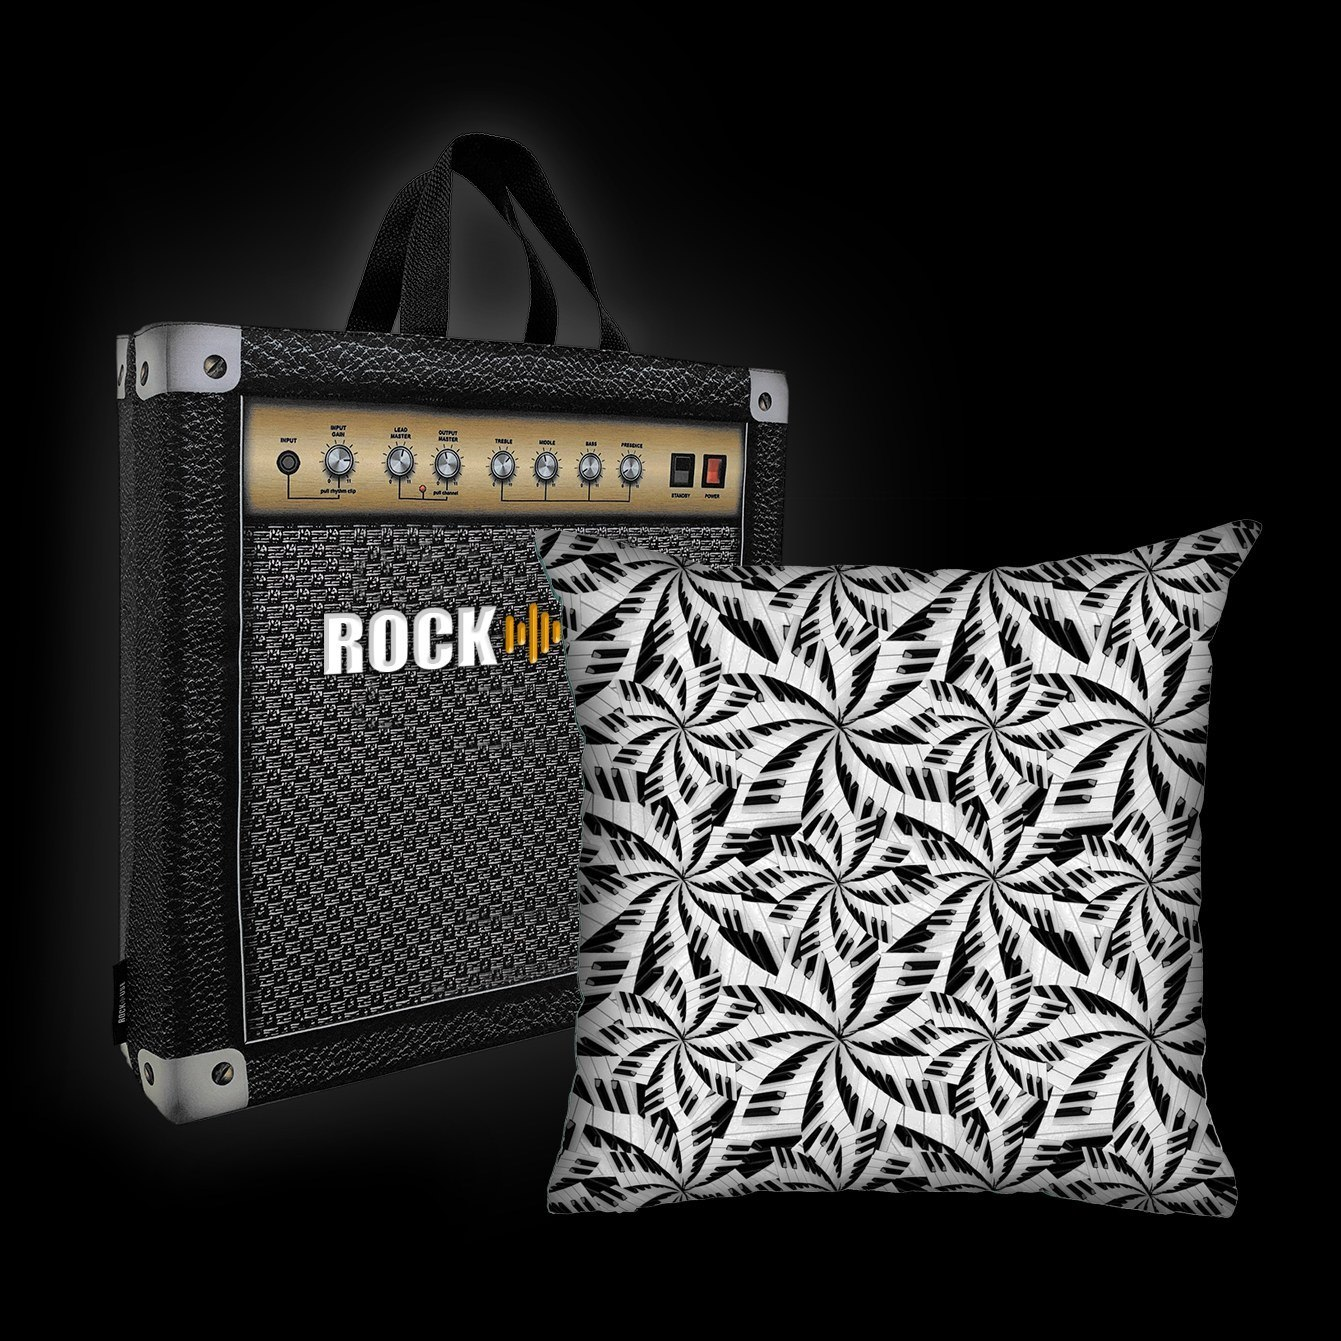 Kit Almofada & Sacola Rock Use - Teclado Tropical 1